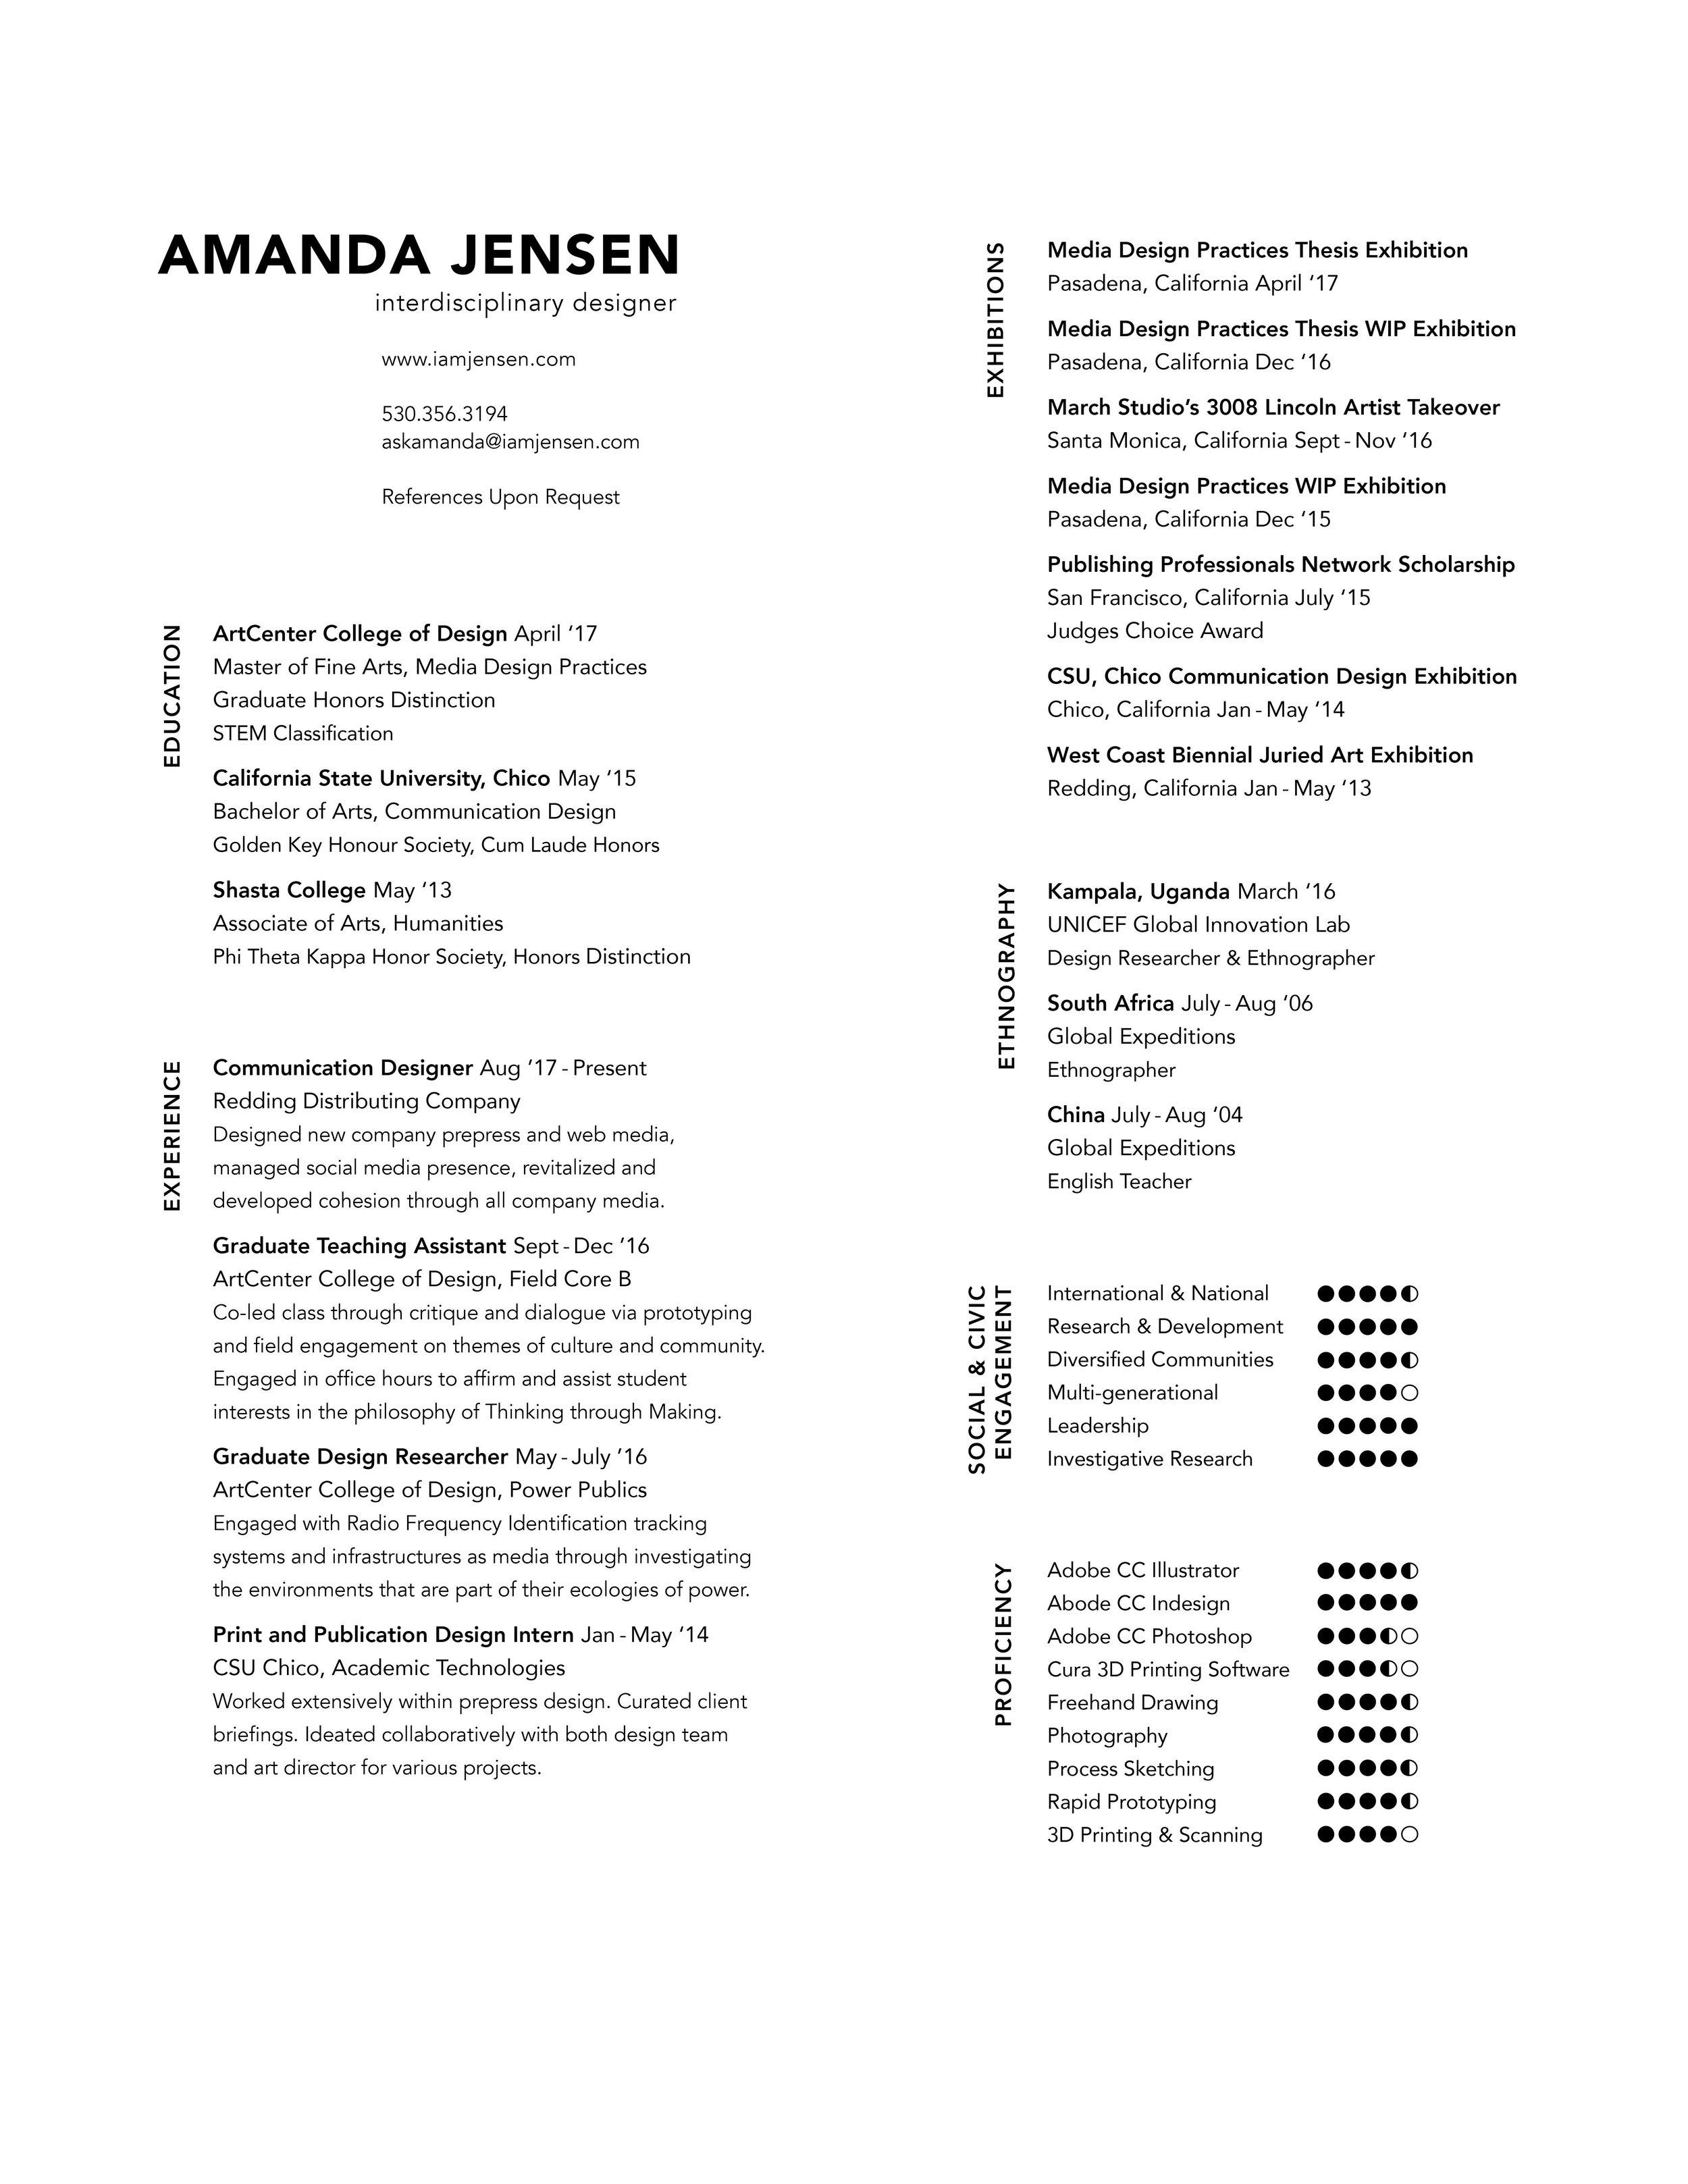 amandajensen_resume.jpg